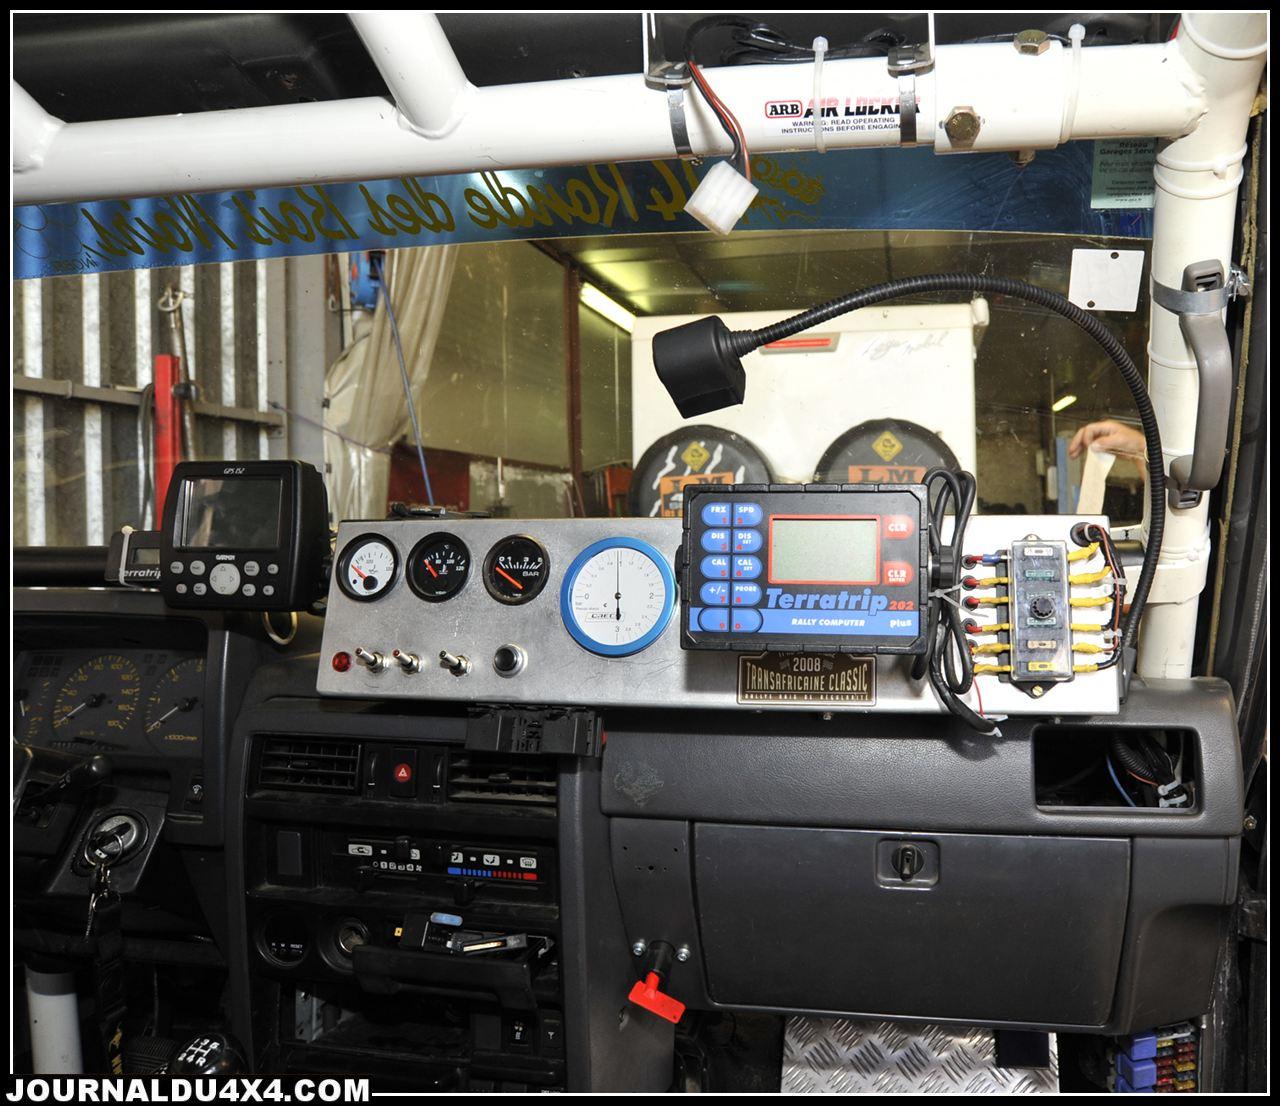 lm4x4-berlin-breslau-copilote.jpg